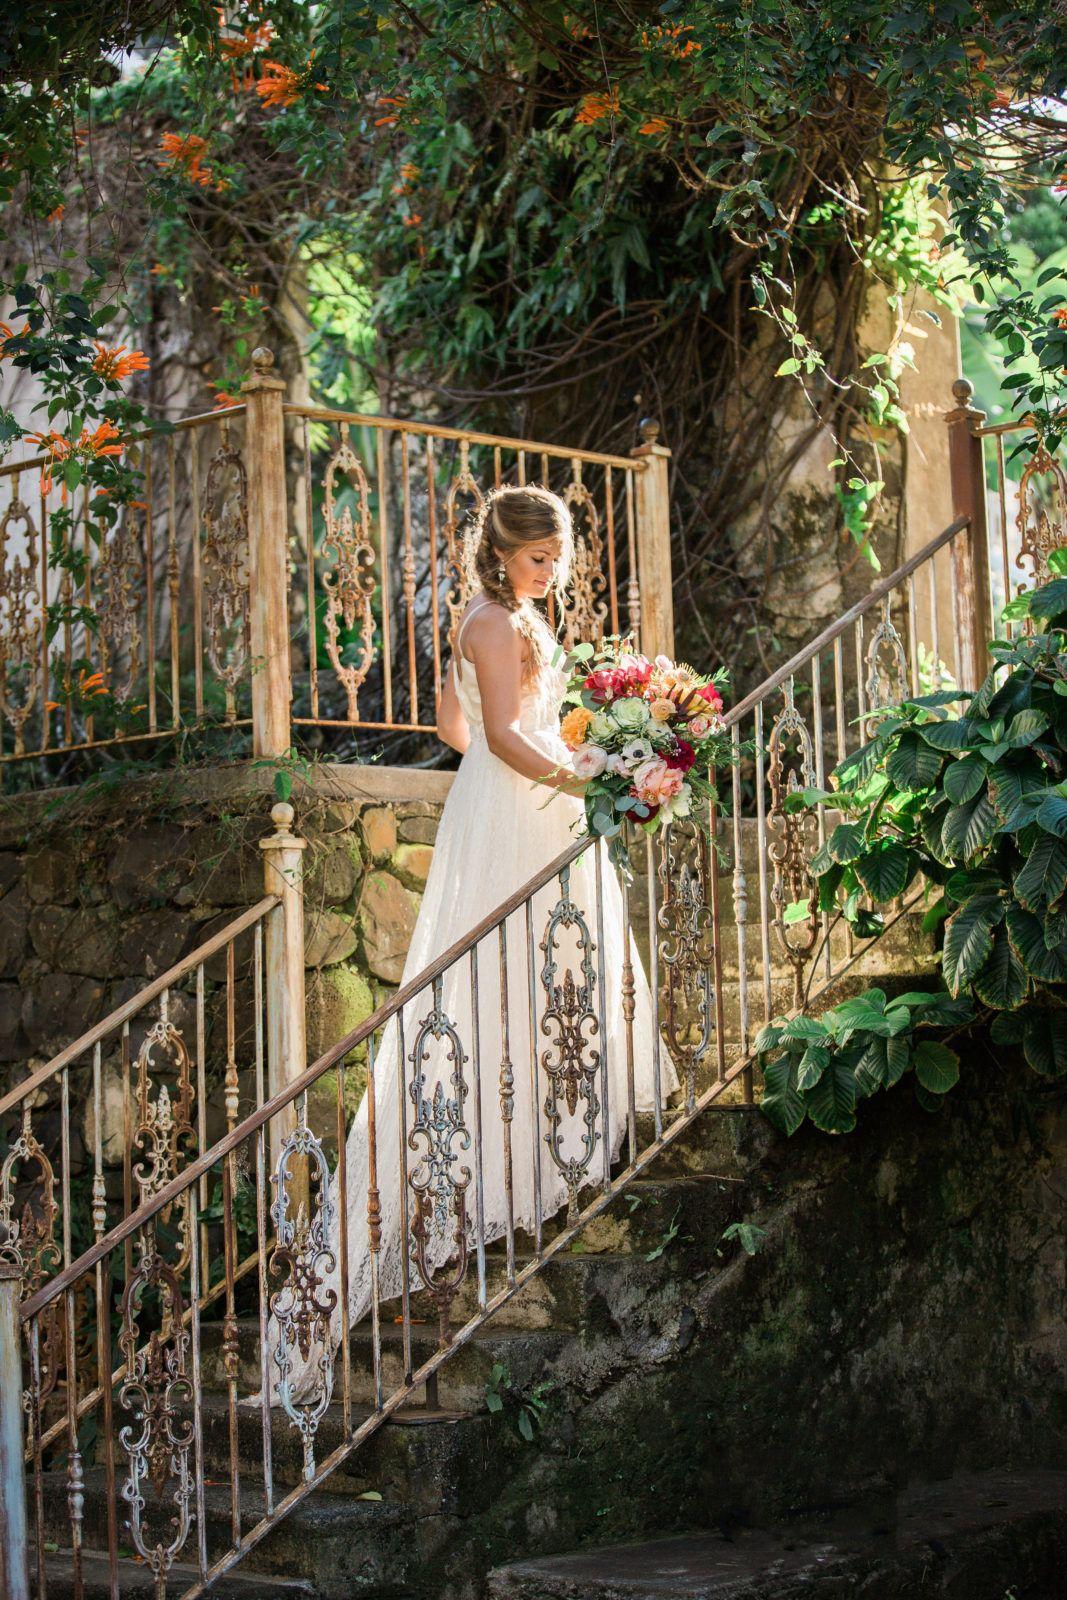 Hawaii Wedding Photographer Hawaii wedding, Wedding